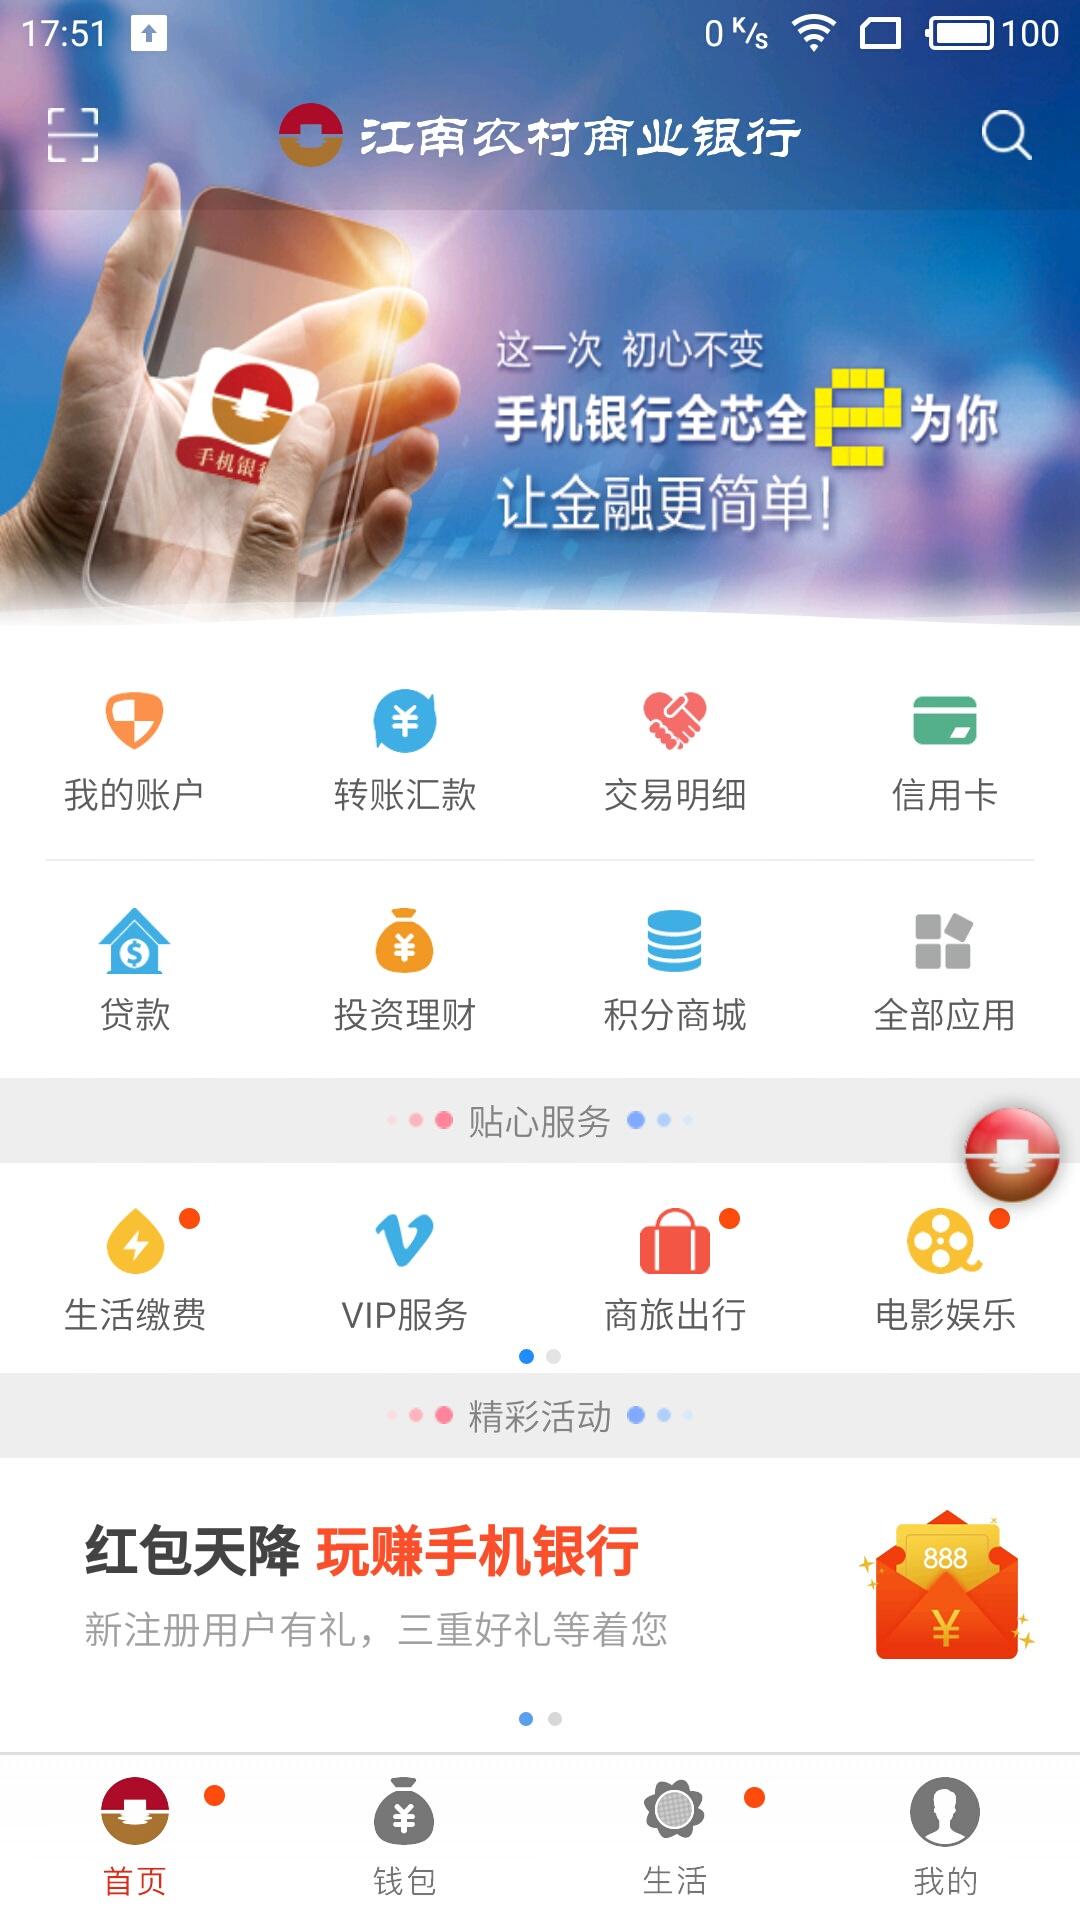 江南农村商业银行截图1